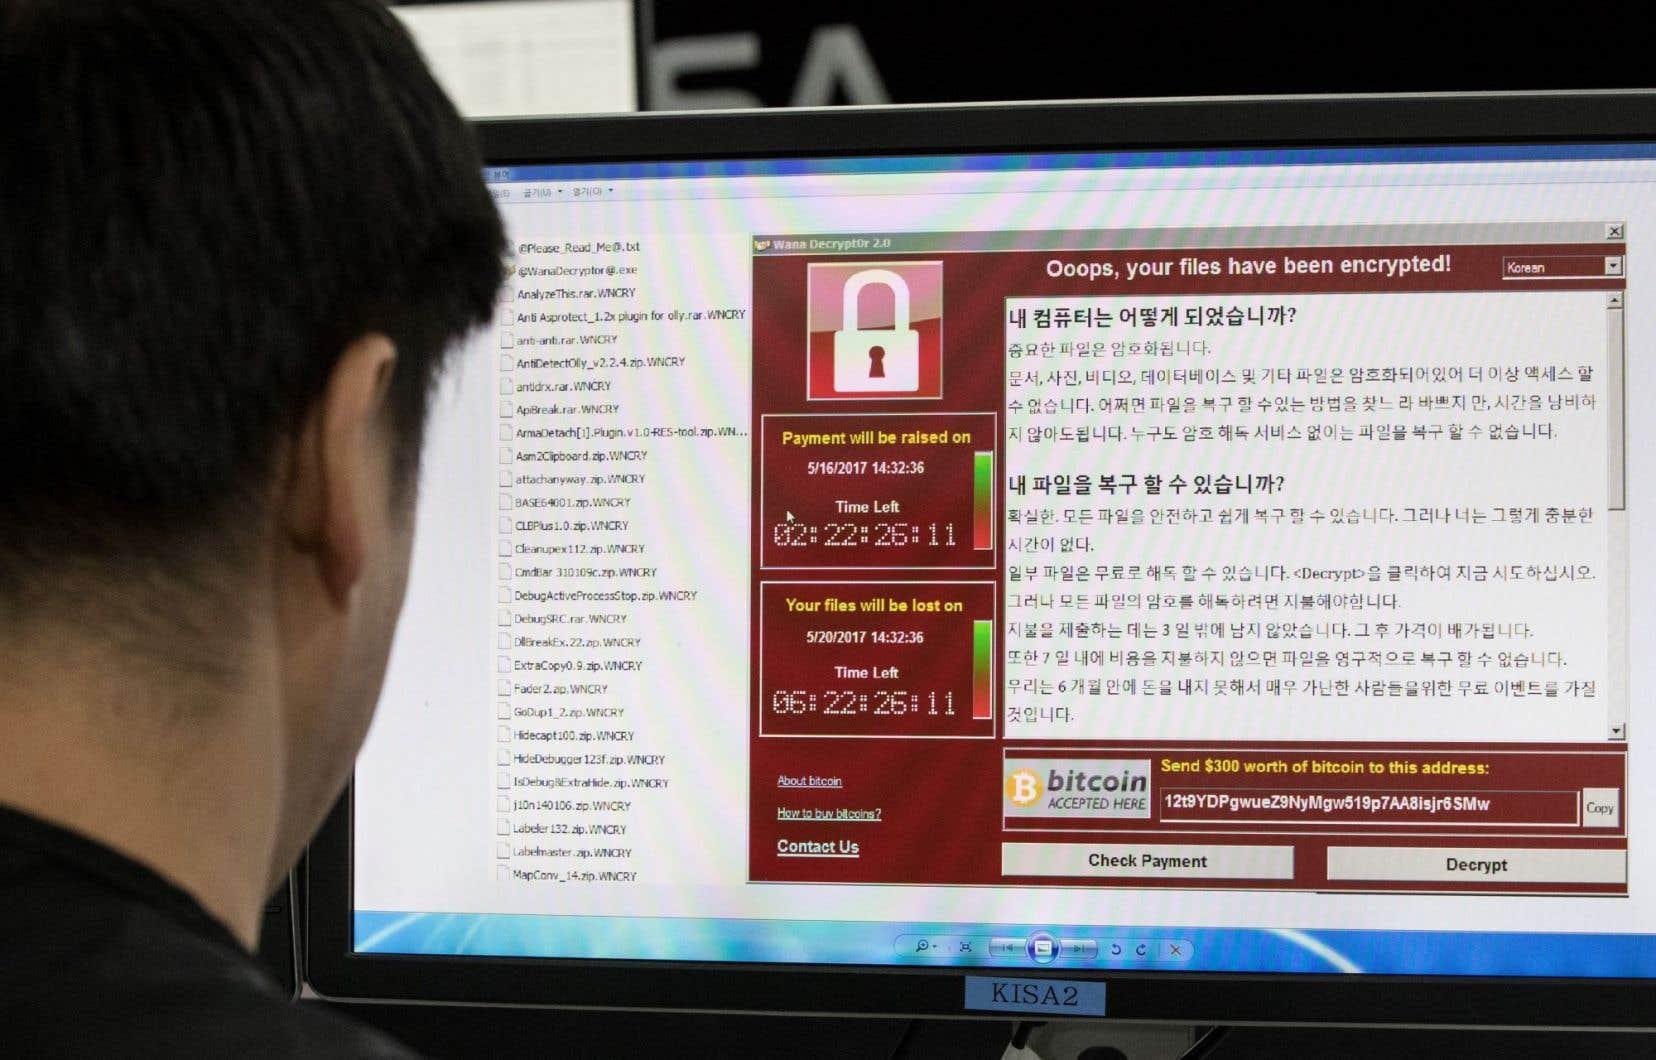 Des spécialistes de la sécurité informatique estiment avoir découvert un lien potentiel entre la Corée du Nord et la cyberattaque mondiale lancée vendredi dernier.